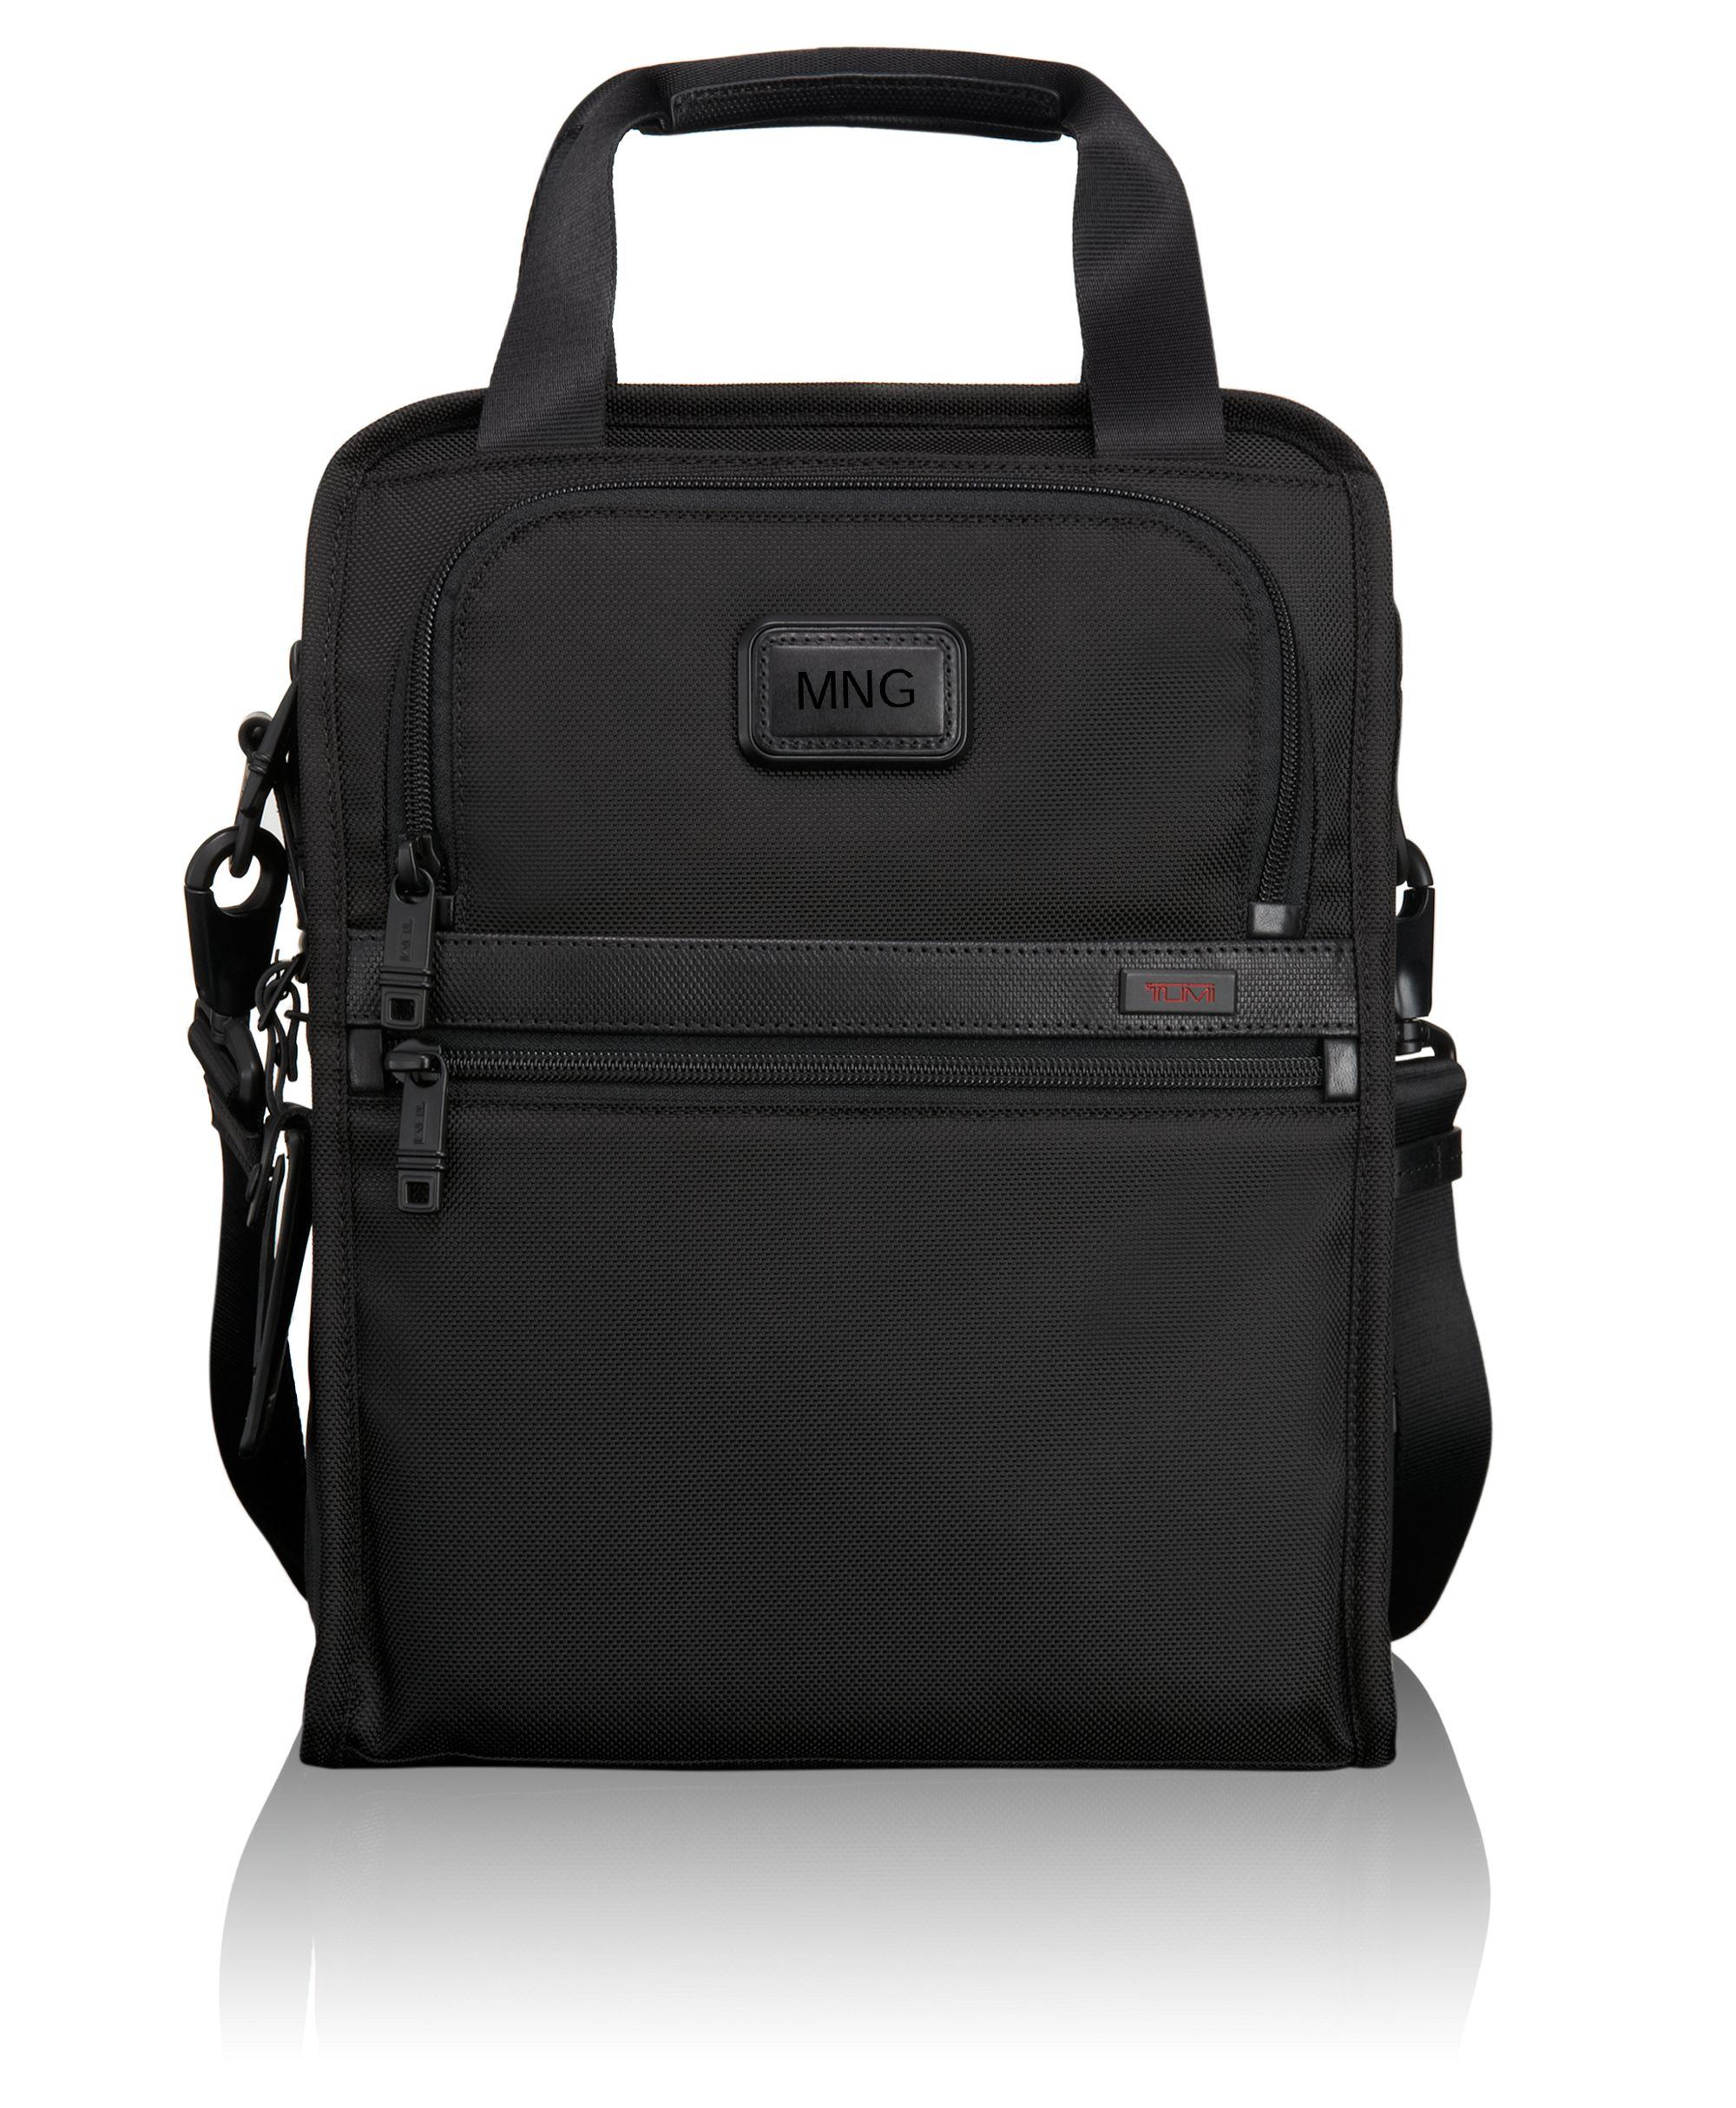 Tumi Black Shoulder Bag 87